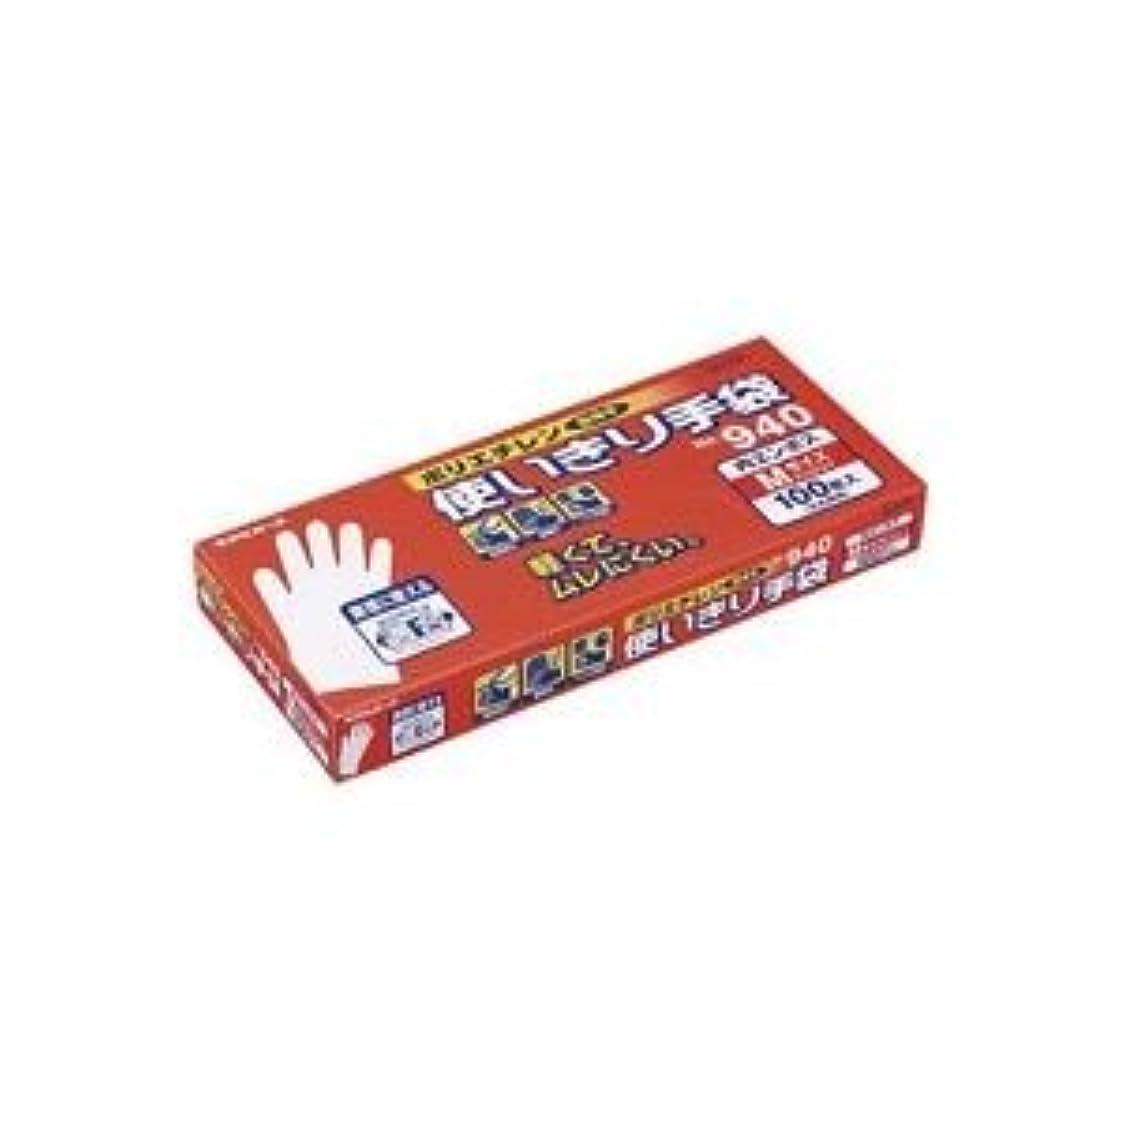 取り囲む緊急添付( お徳用 100セット ) エステー ポリエンボス使い切り手袋 No.940 M 100枚